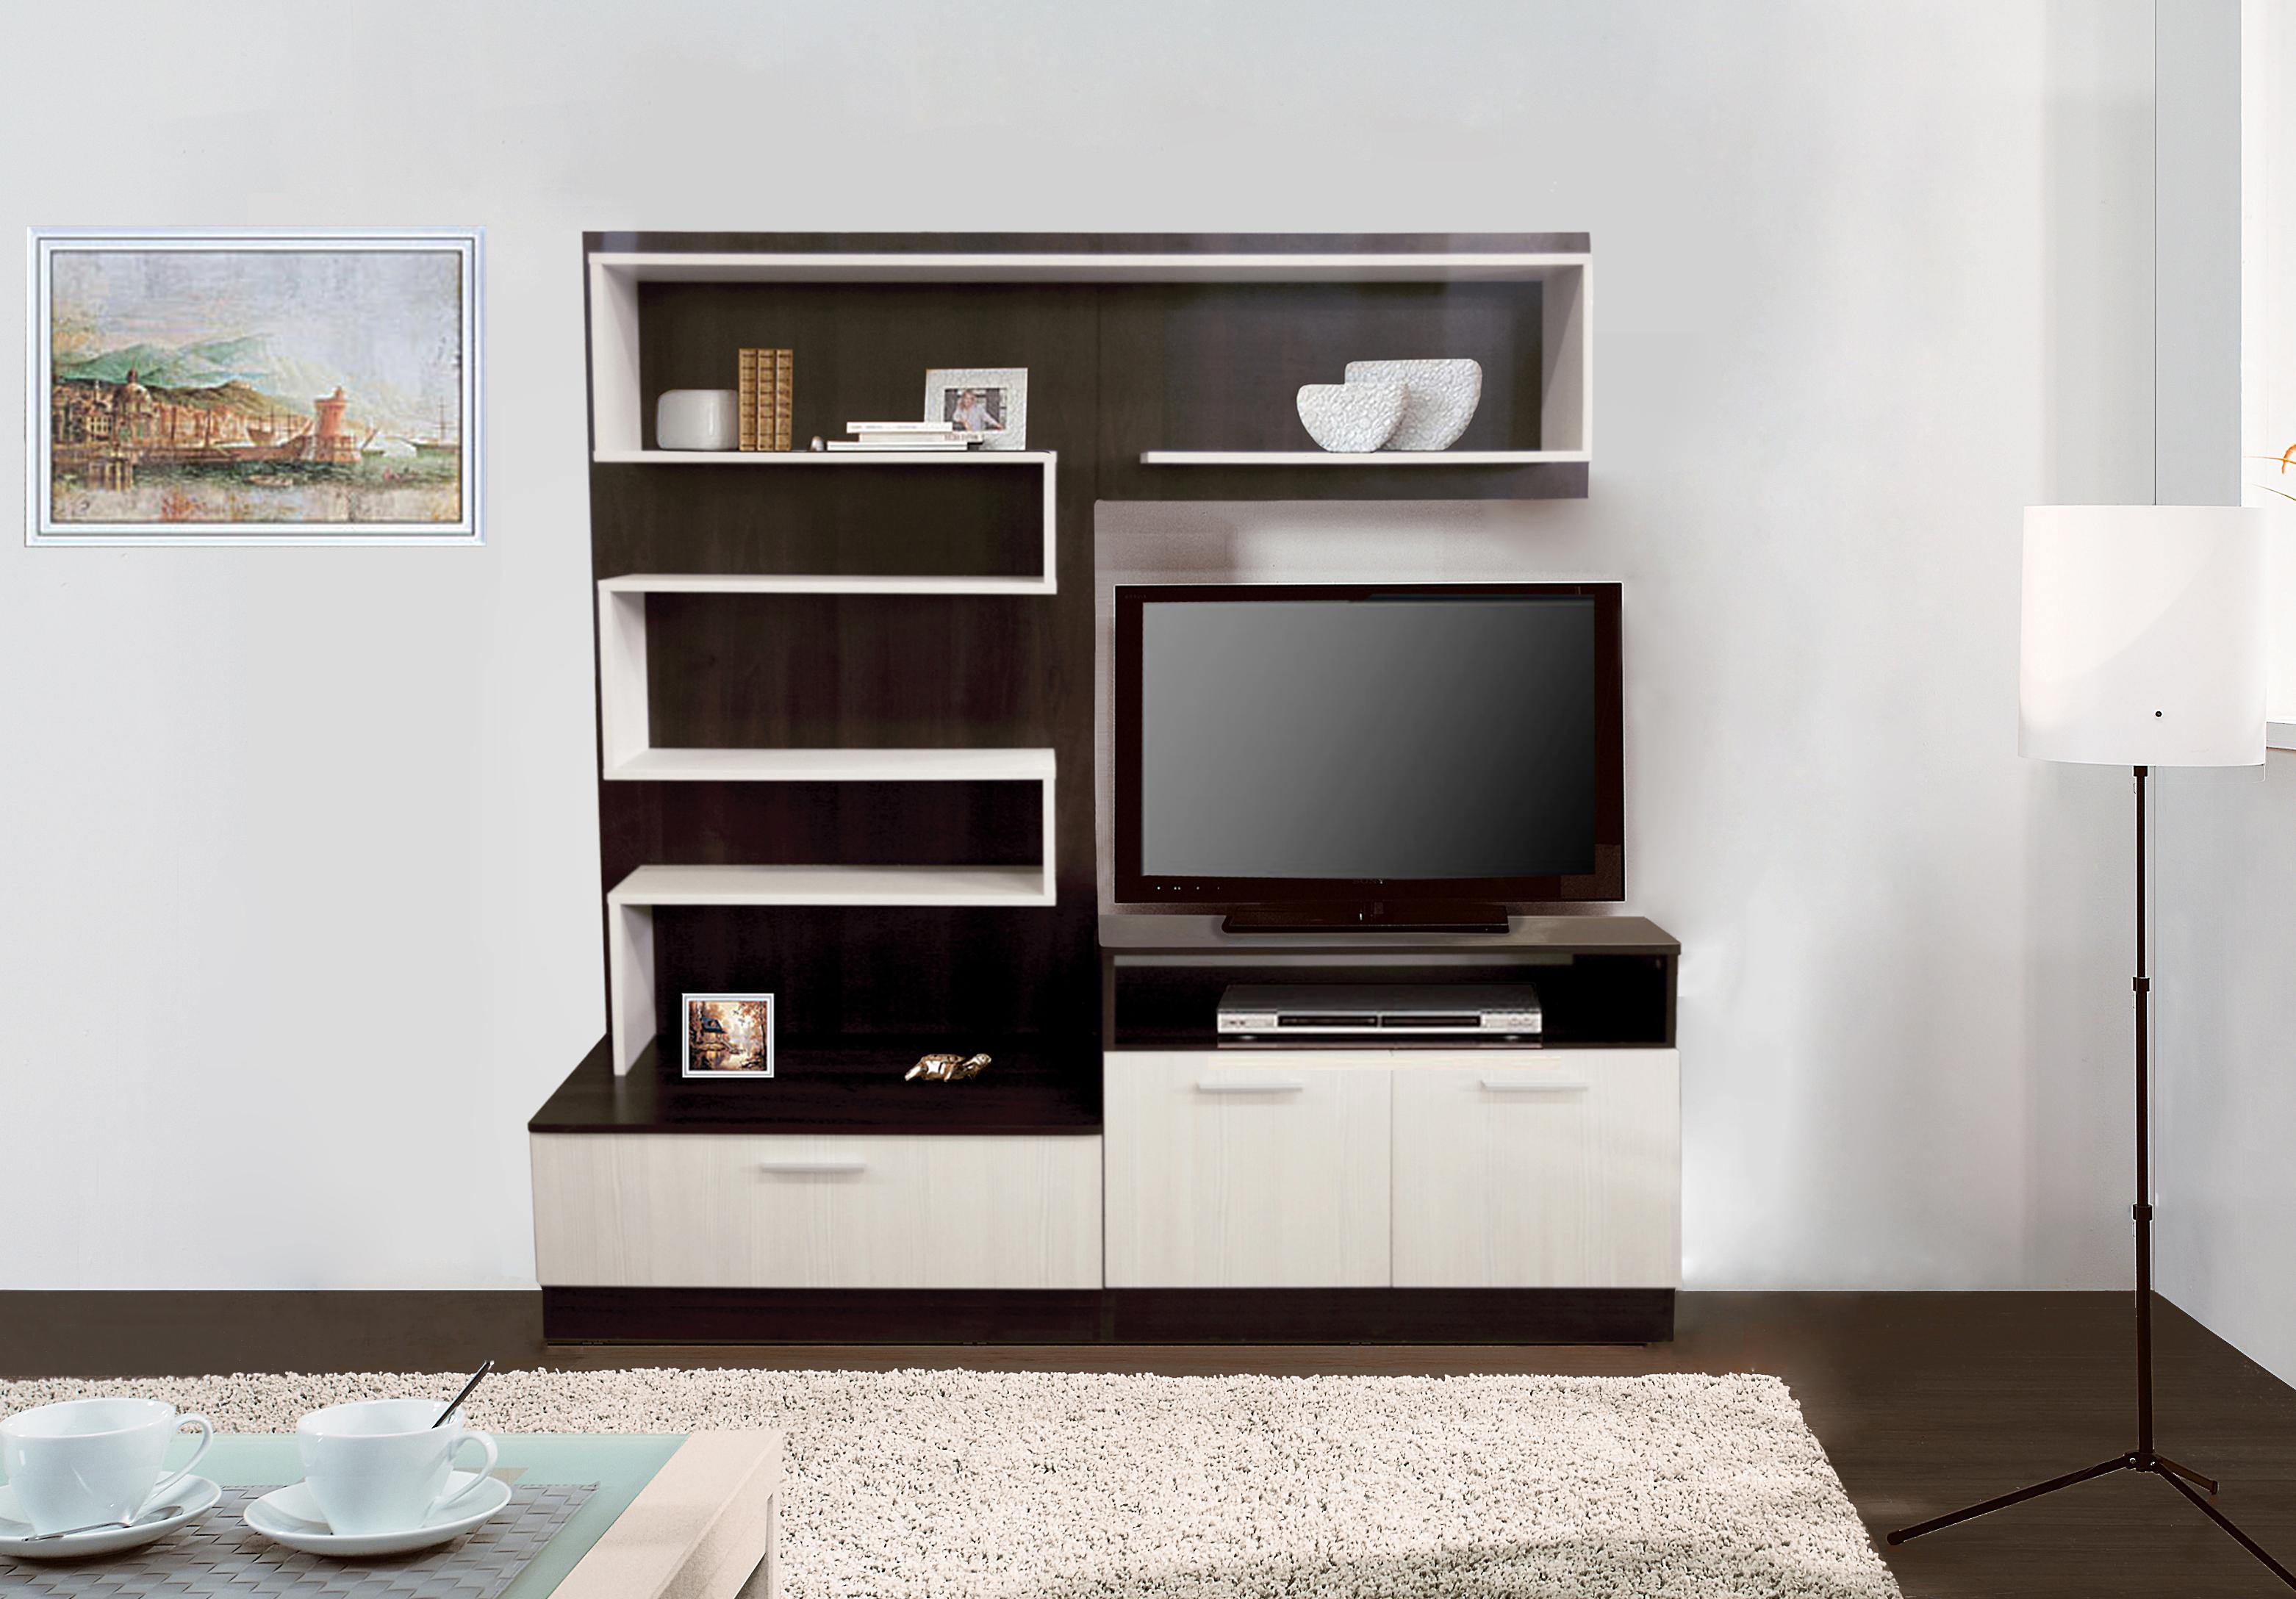 Woodroom Современная корпусная мебель на заказ для гостиной Woodroom